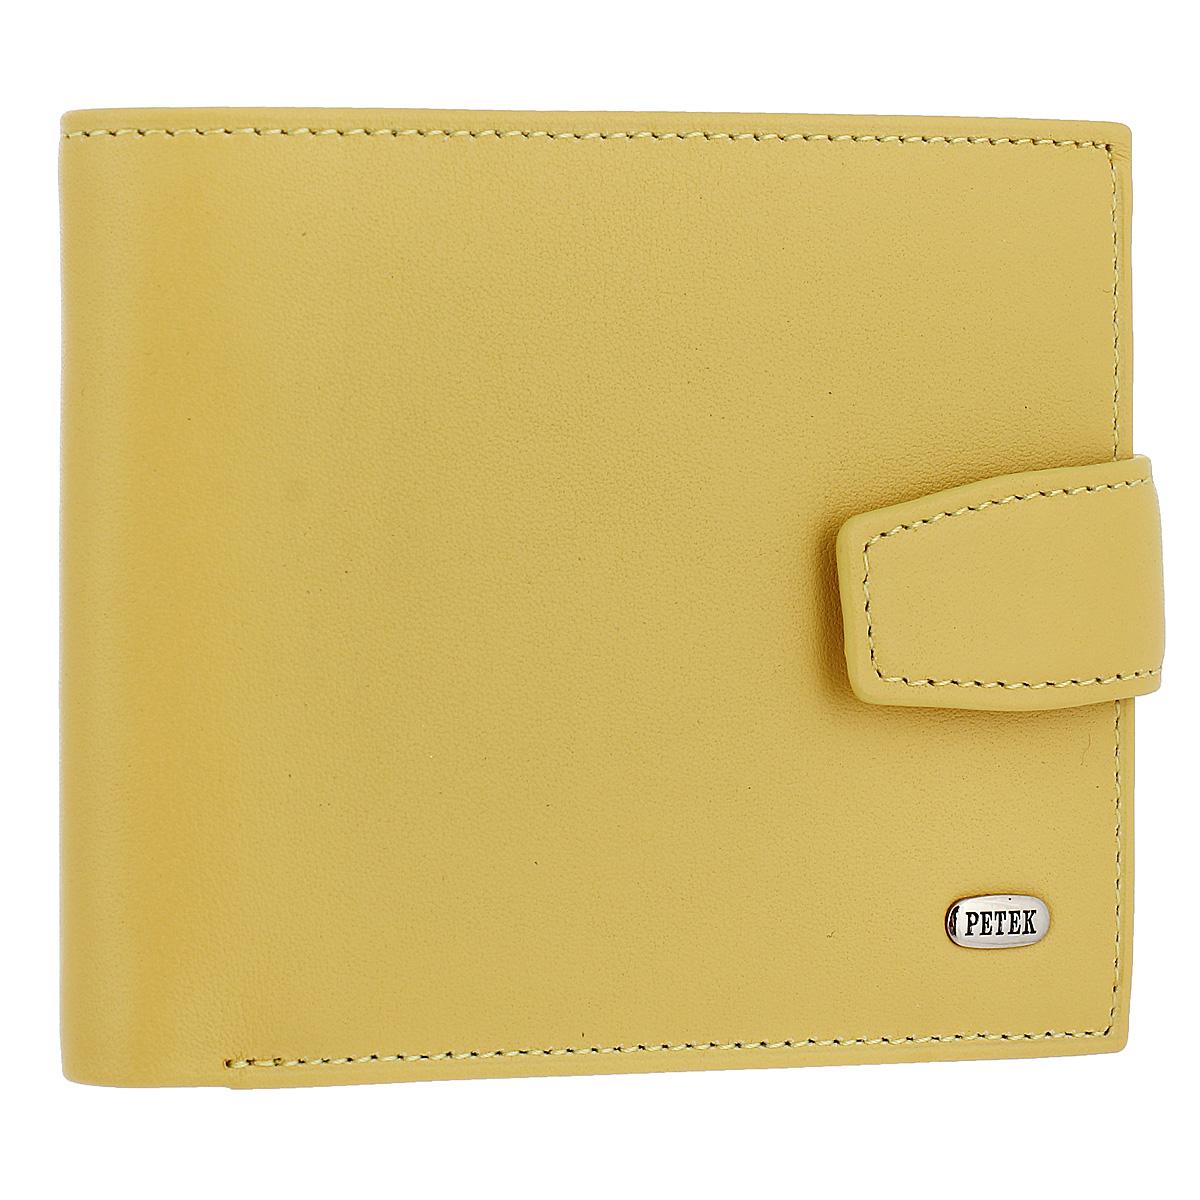 Визитница Petek, цвет: лимонный. 1017/1.167.85 Aurora1017/1.167.85 AuroraВизитница Petek - это стильный аксессуар, который не только сохранит визитки и кредитные карты в порядке, но и, благодаря своему строгому дизайну и высокому качеству исполнения, блестяще подчеркнет тонкий вкус своего обладателя. 10 файлов для визиток, карман-окошко из прозрачной прочной сетки - классические составляющие для визитницы. Внутри предусмотрено отделение для купюр с фирменной подкладкой. Визитница закрывается на кнопку. Визитница Petek станет великолепным подарком ценителю современных практичных вещей. Визитница упакована в фирменную коробку из картона.